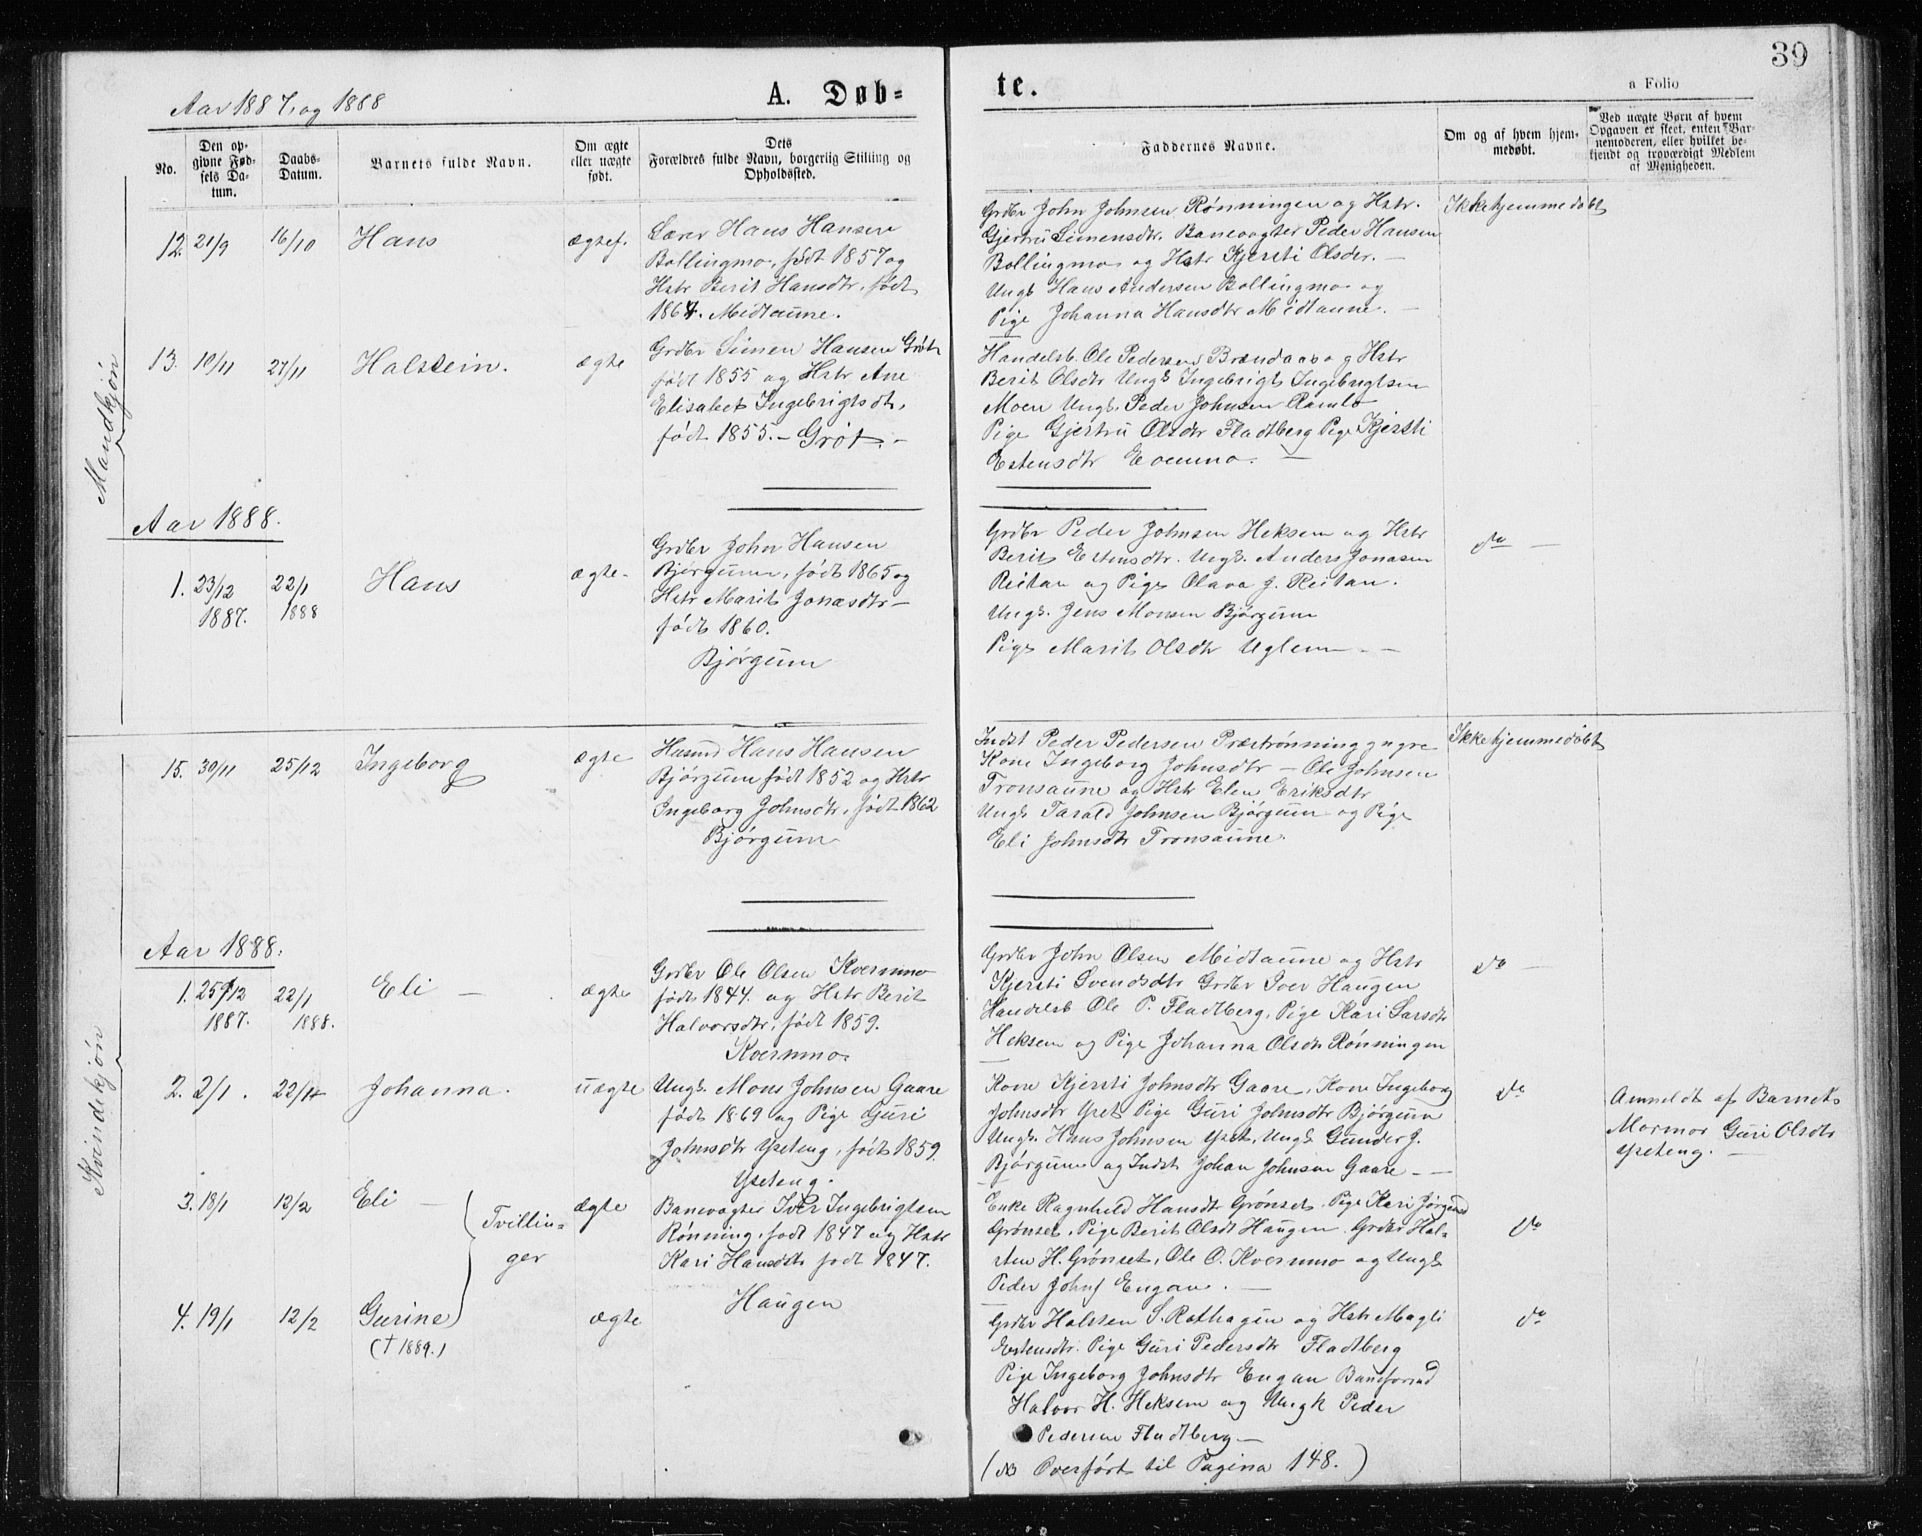 SAT, Ministerialprotokoller, klokkerbøker og fødselsregistre - Sør-Trøndelag, 685/L0977: Klokkerbok nr. 685C02, 1879-1890, s. 39